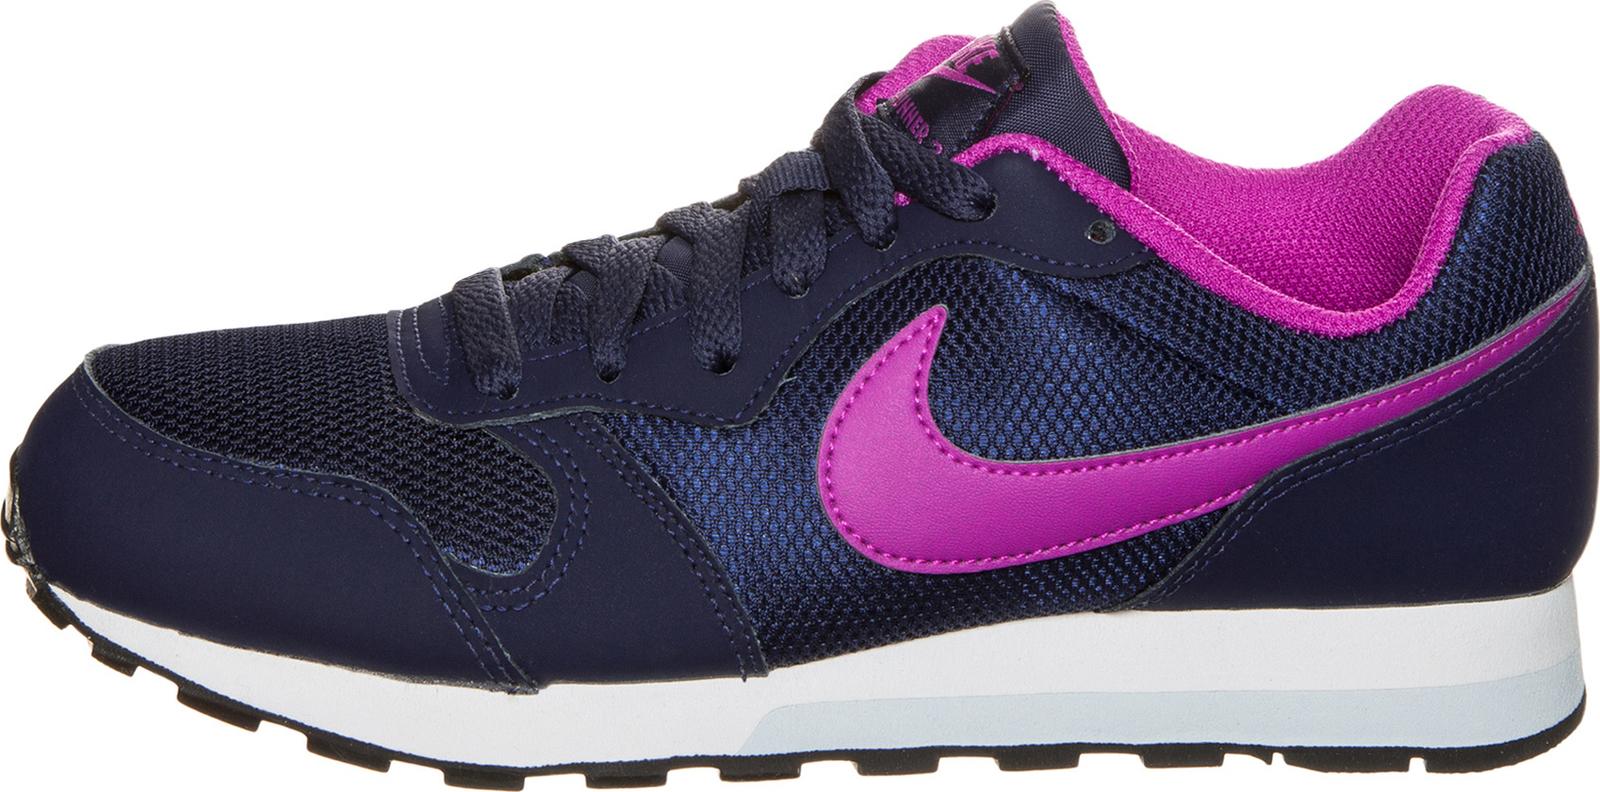 Προσθήκη στα αγαπημένα menu Nike Md Runner 2 GS 807319-401 cdc1a3a68452d